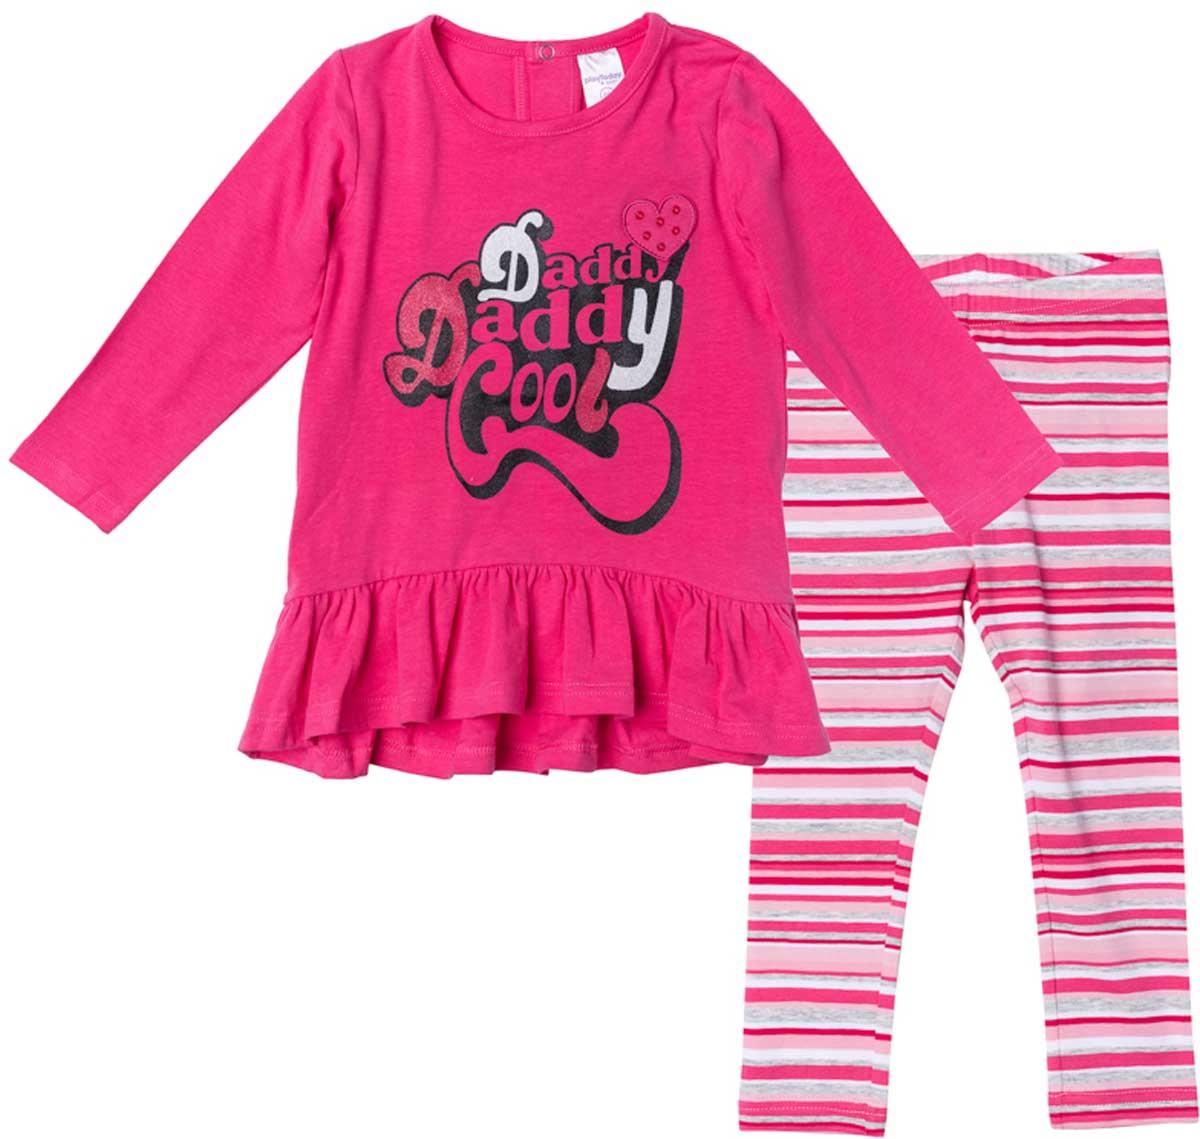 Комплект одежды178017Комплект из платья и брюк-леггинсов прекрасно подойдет как для домашнего использования, так и для прогулок на свежем воздухе. Мягкий, приятный к телу, материал не сковывает движений. Яркий стильный принт является достойным украшением данного изделия. Леггинсы на мягкой удобной резинке, которвая не сдавливает живот ребенка. Платье с заниженной юбкой.Преимущества:Свободный классический крой не сковывает движения ребенкаПодходит в качестве базовой вещи для повседневного гардеробаЯркий стильный принт